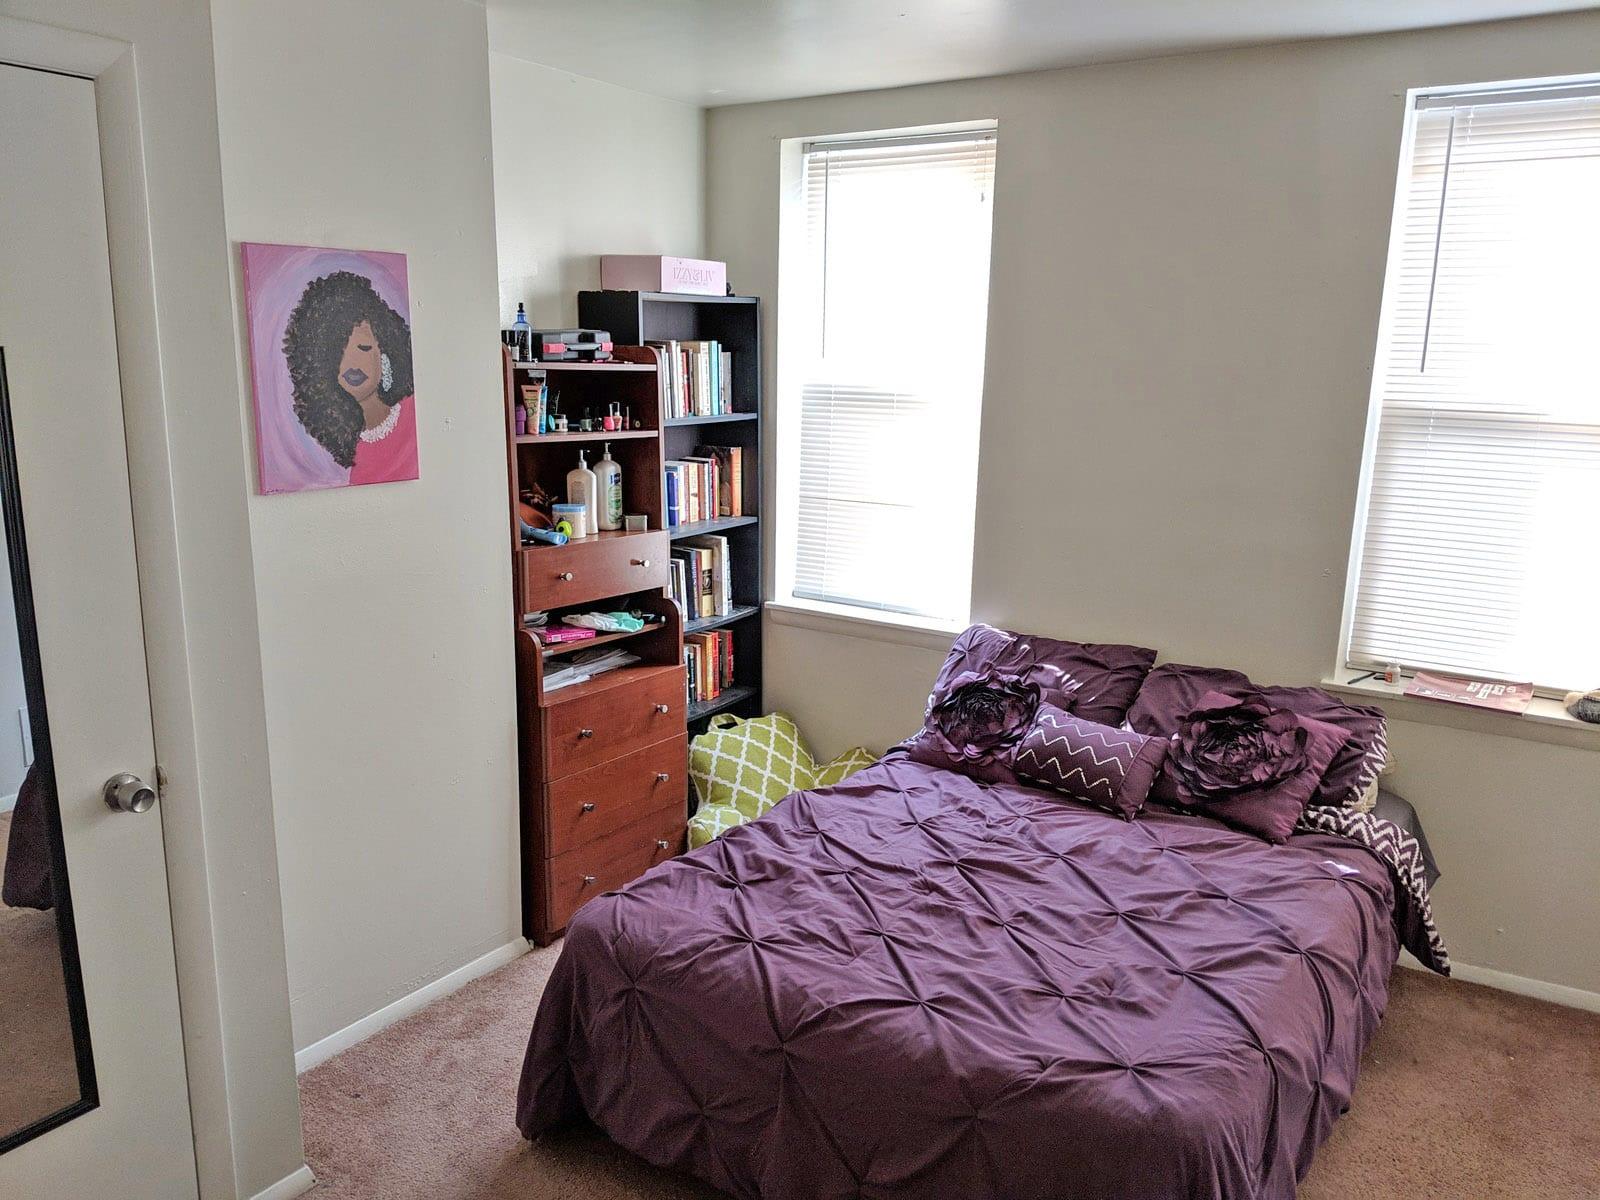 284 2317 Bedroom